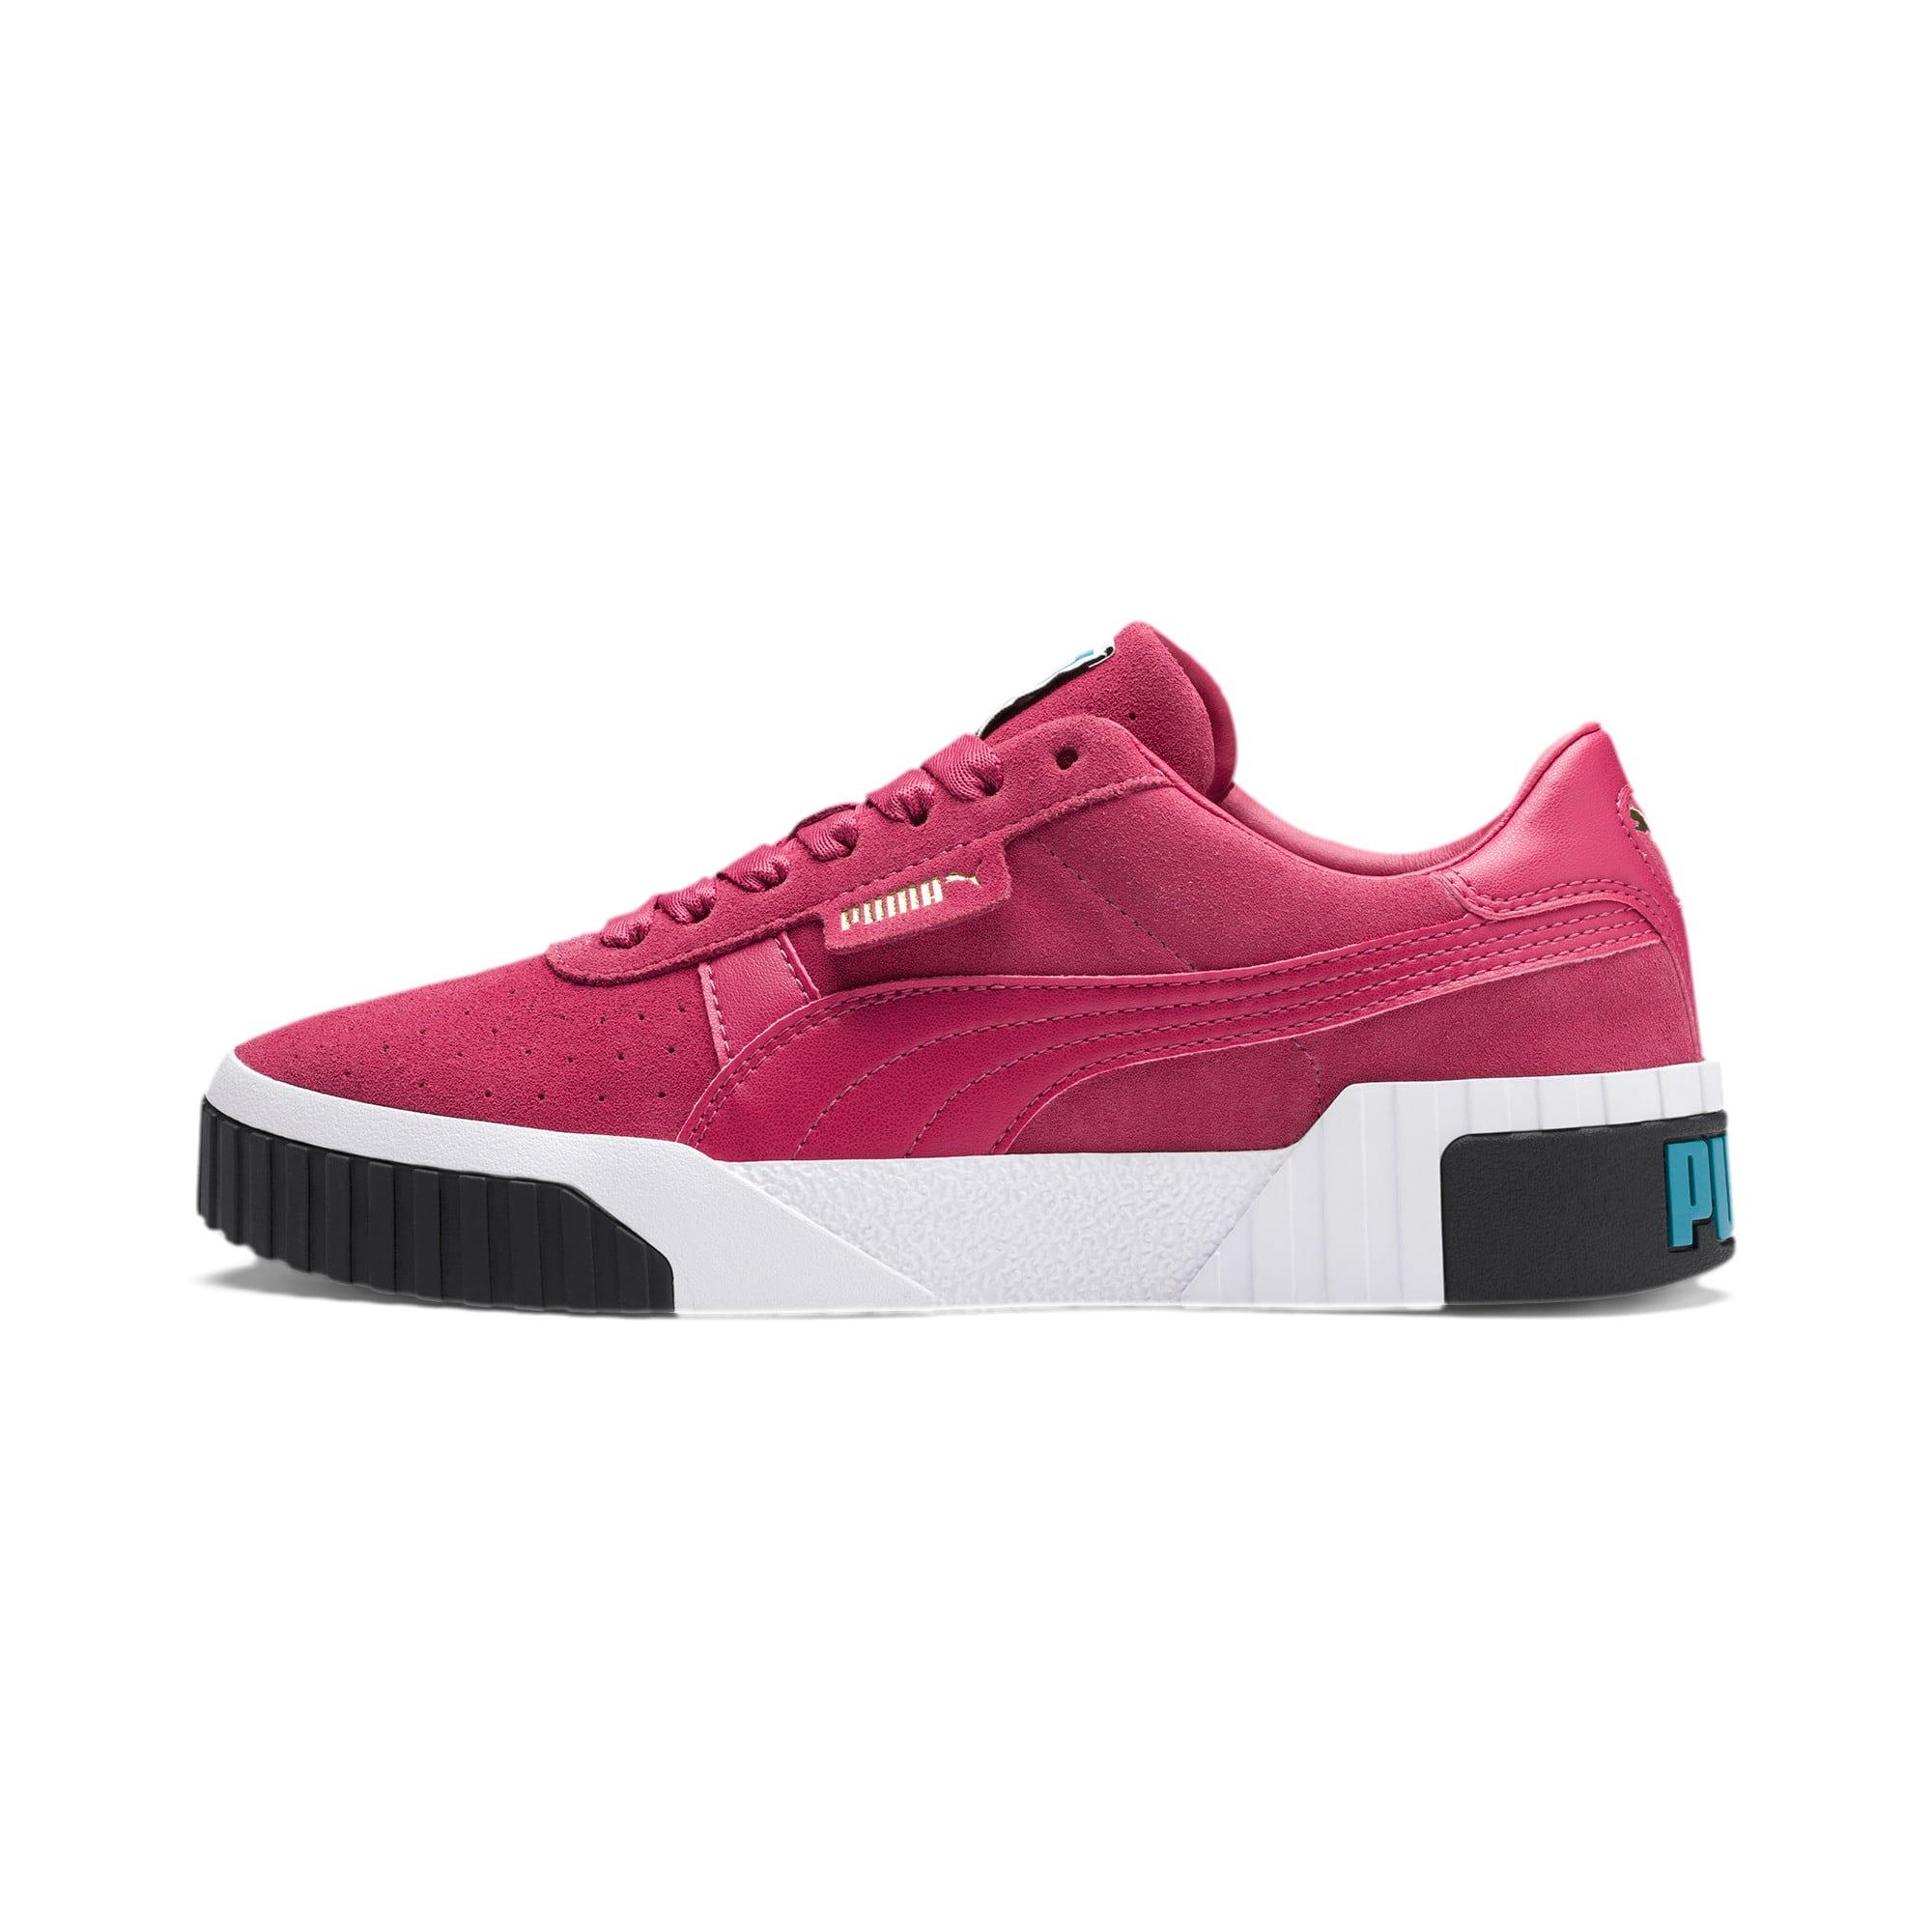 Miniatura 1 de Zapatos deportivos Cali Suede de mujer, Fuchsia Purple, mediano